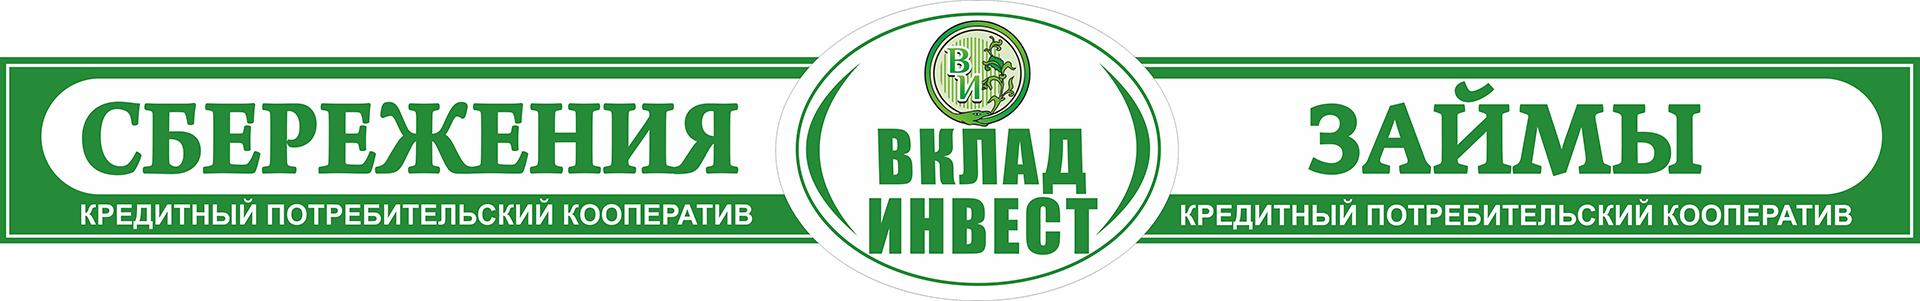 """КПК """"Вклад Инвест"""" Logo"""